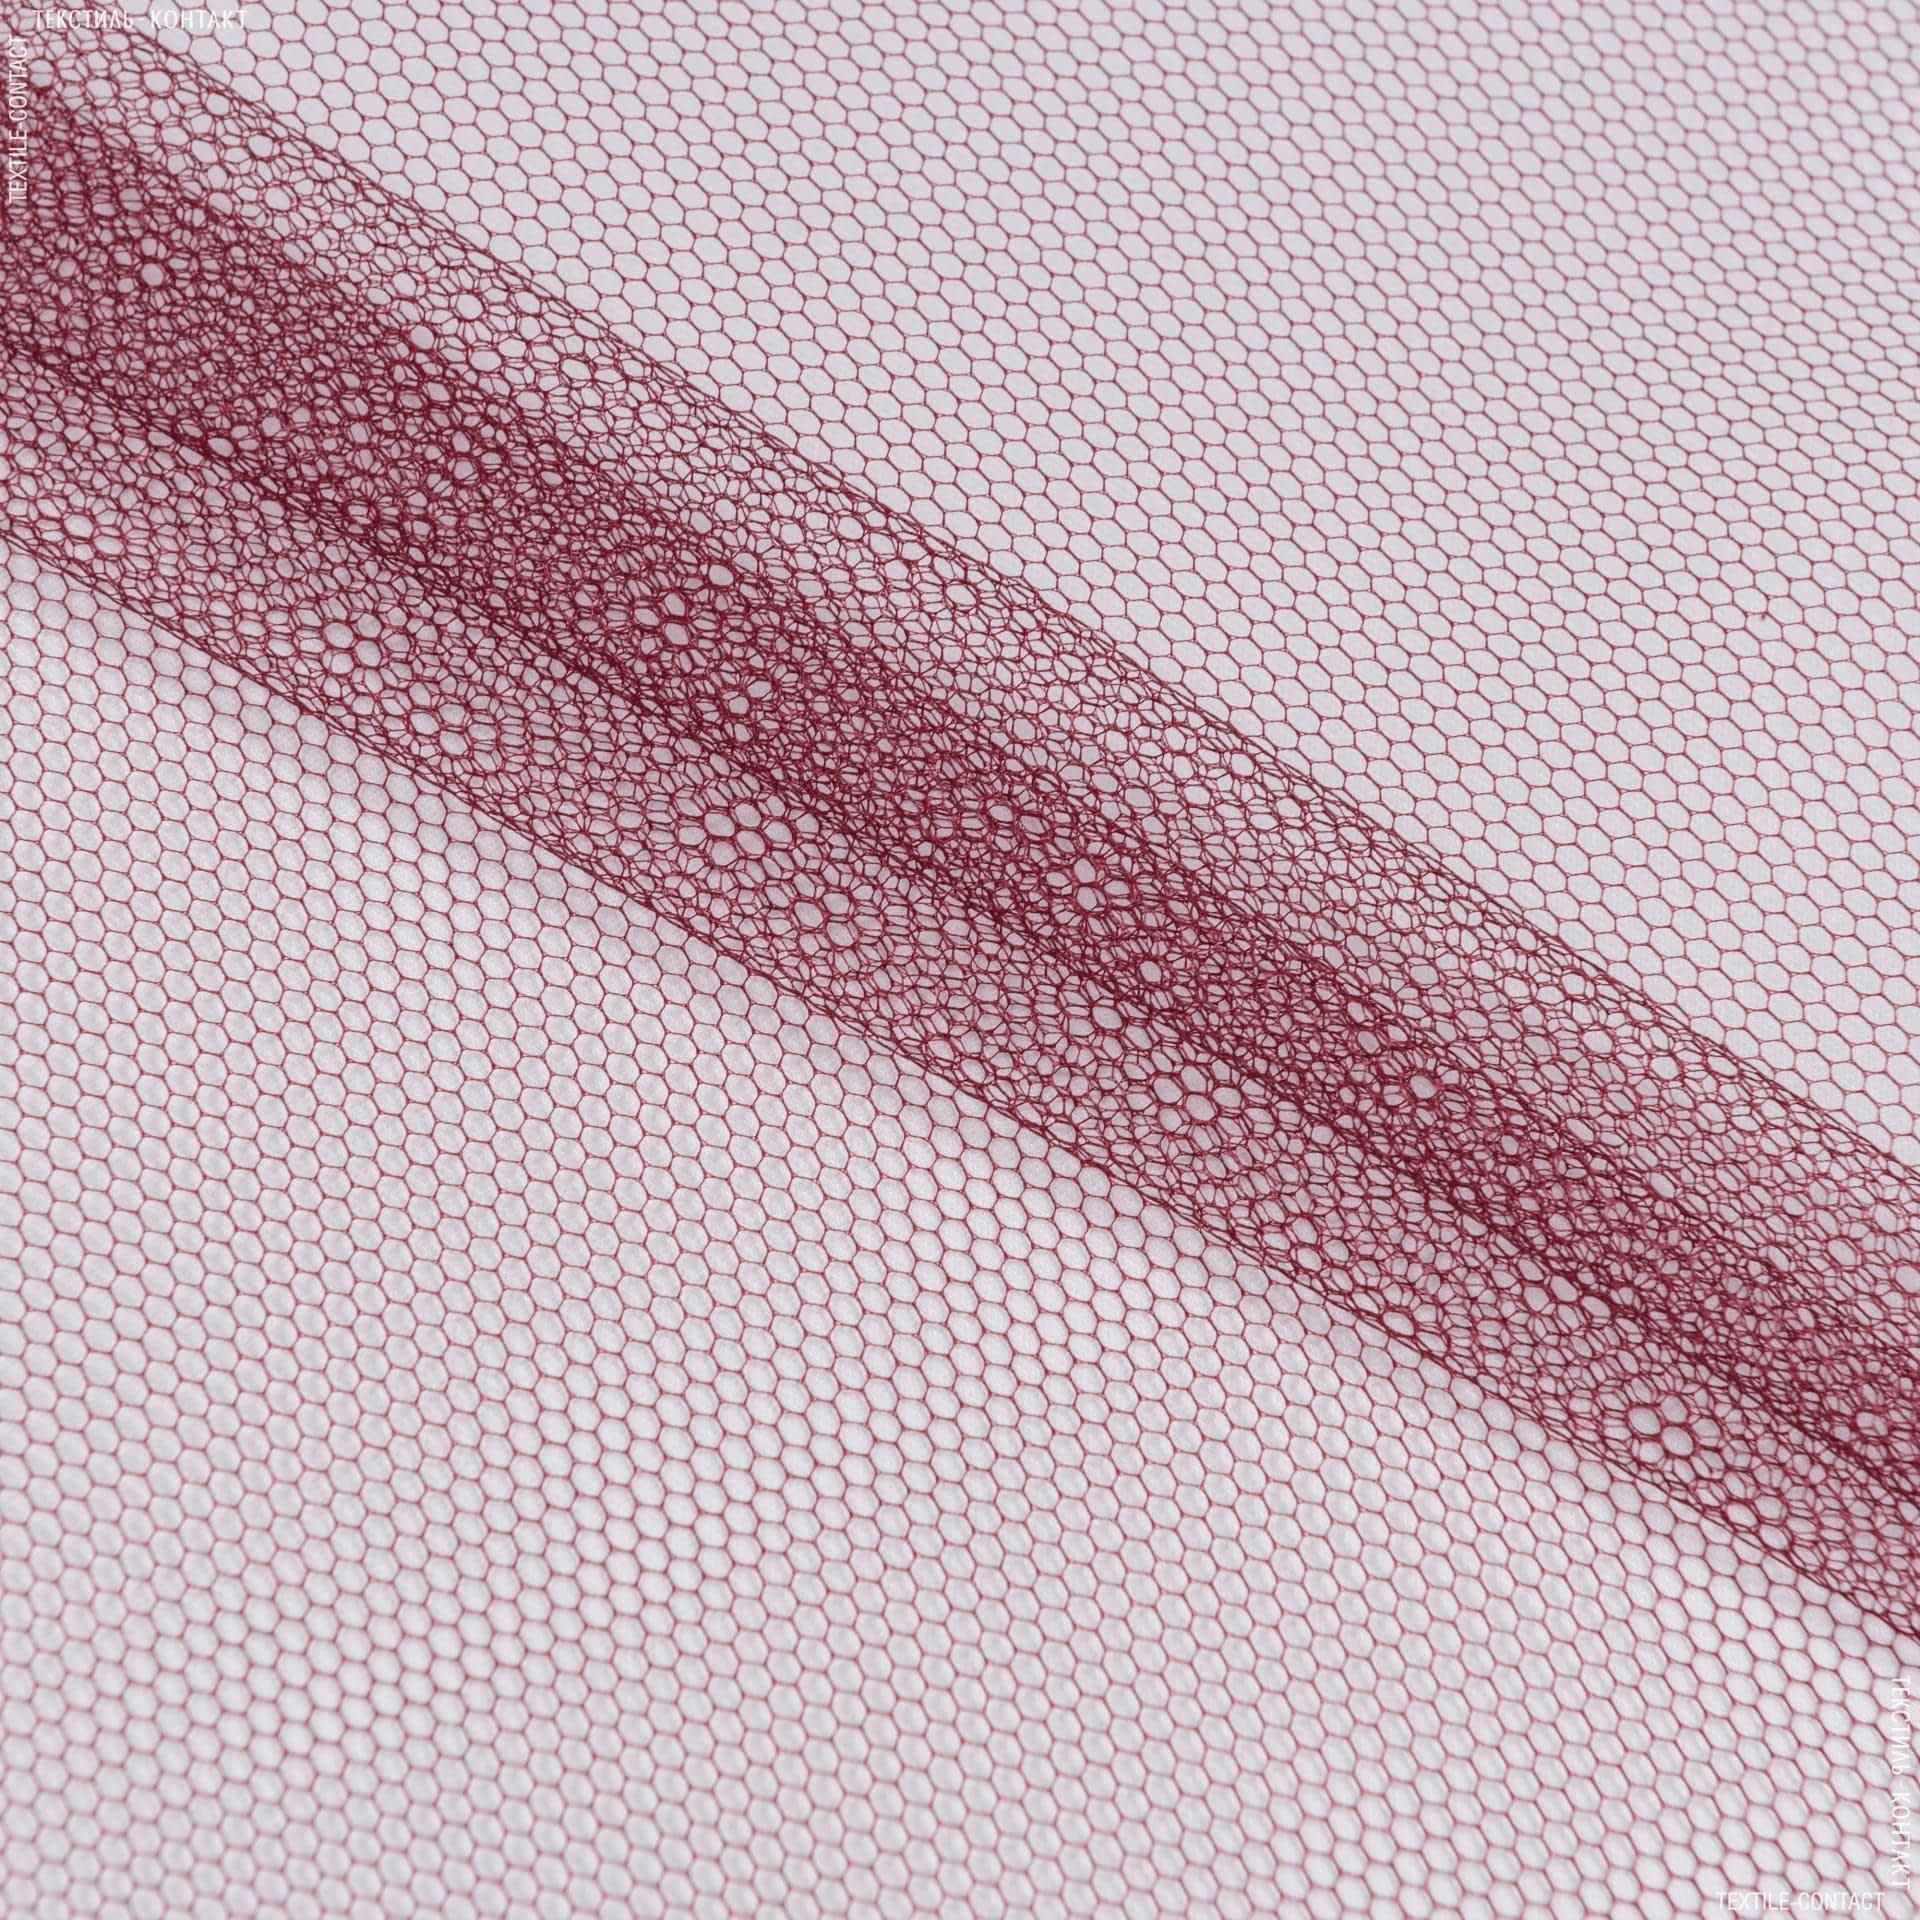 Тканини для блузок - Фатин жорсткий винно-бордовий